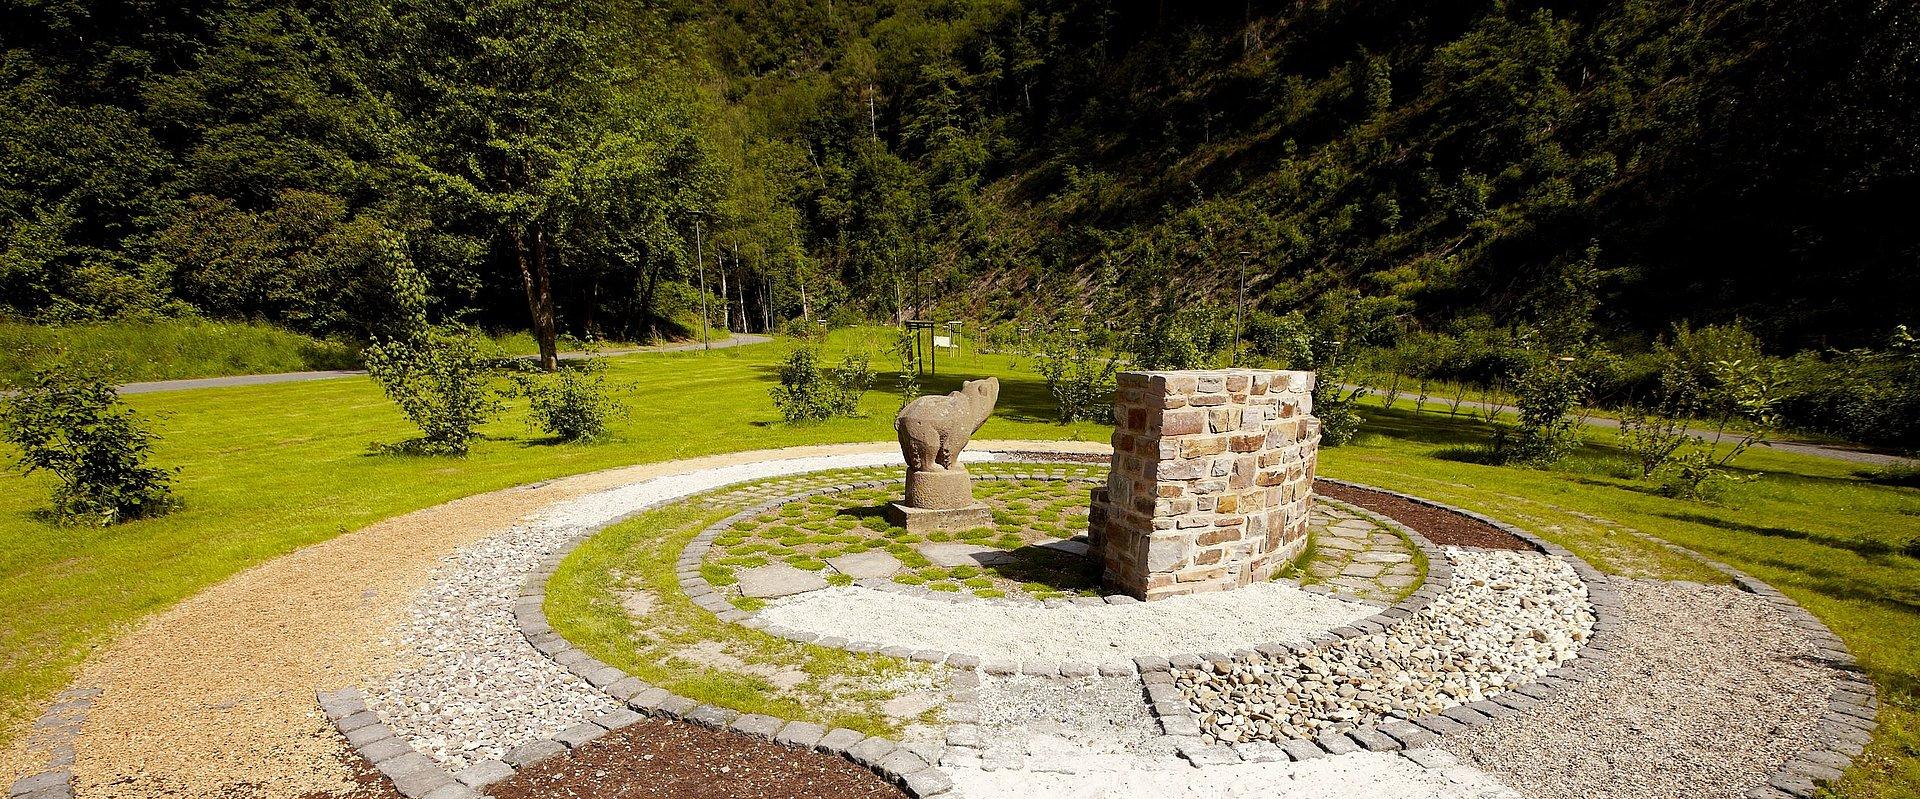 Landschaftstherapeutischer Park Römerkessel in Bad Bertrich, Eifel